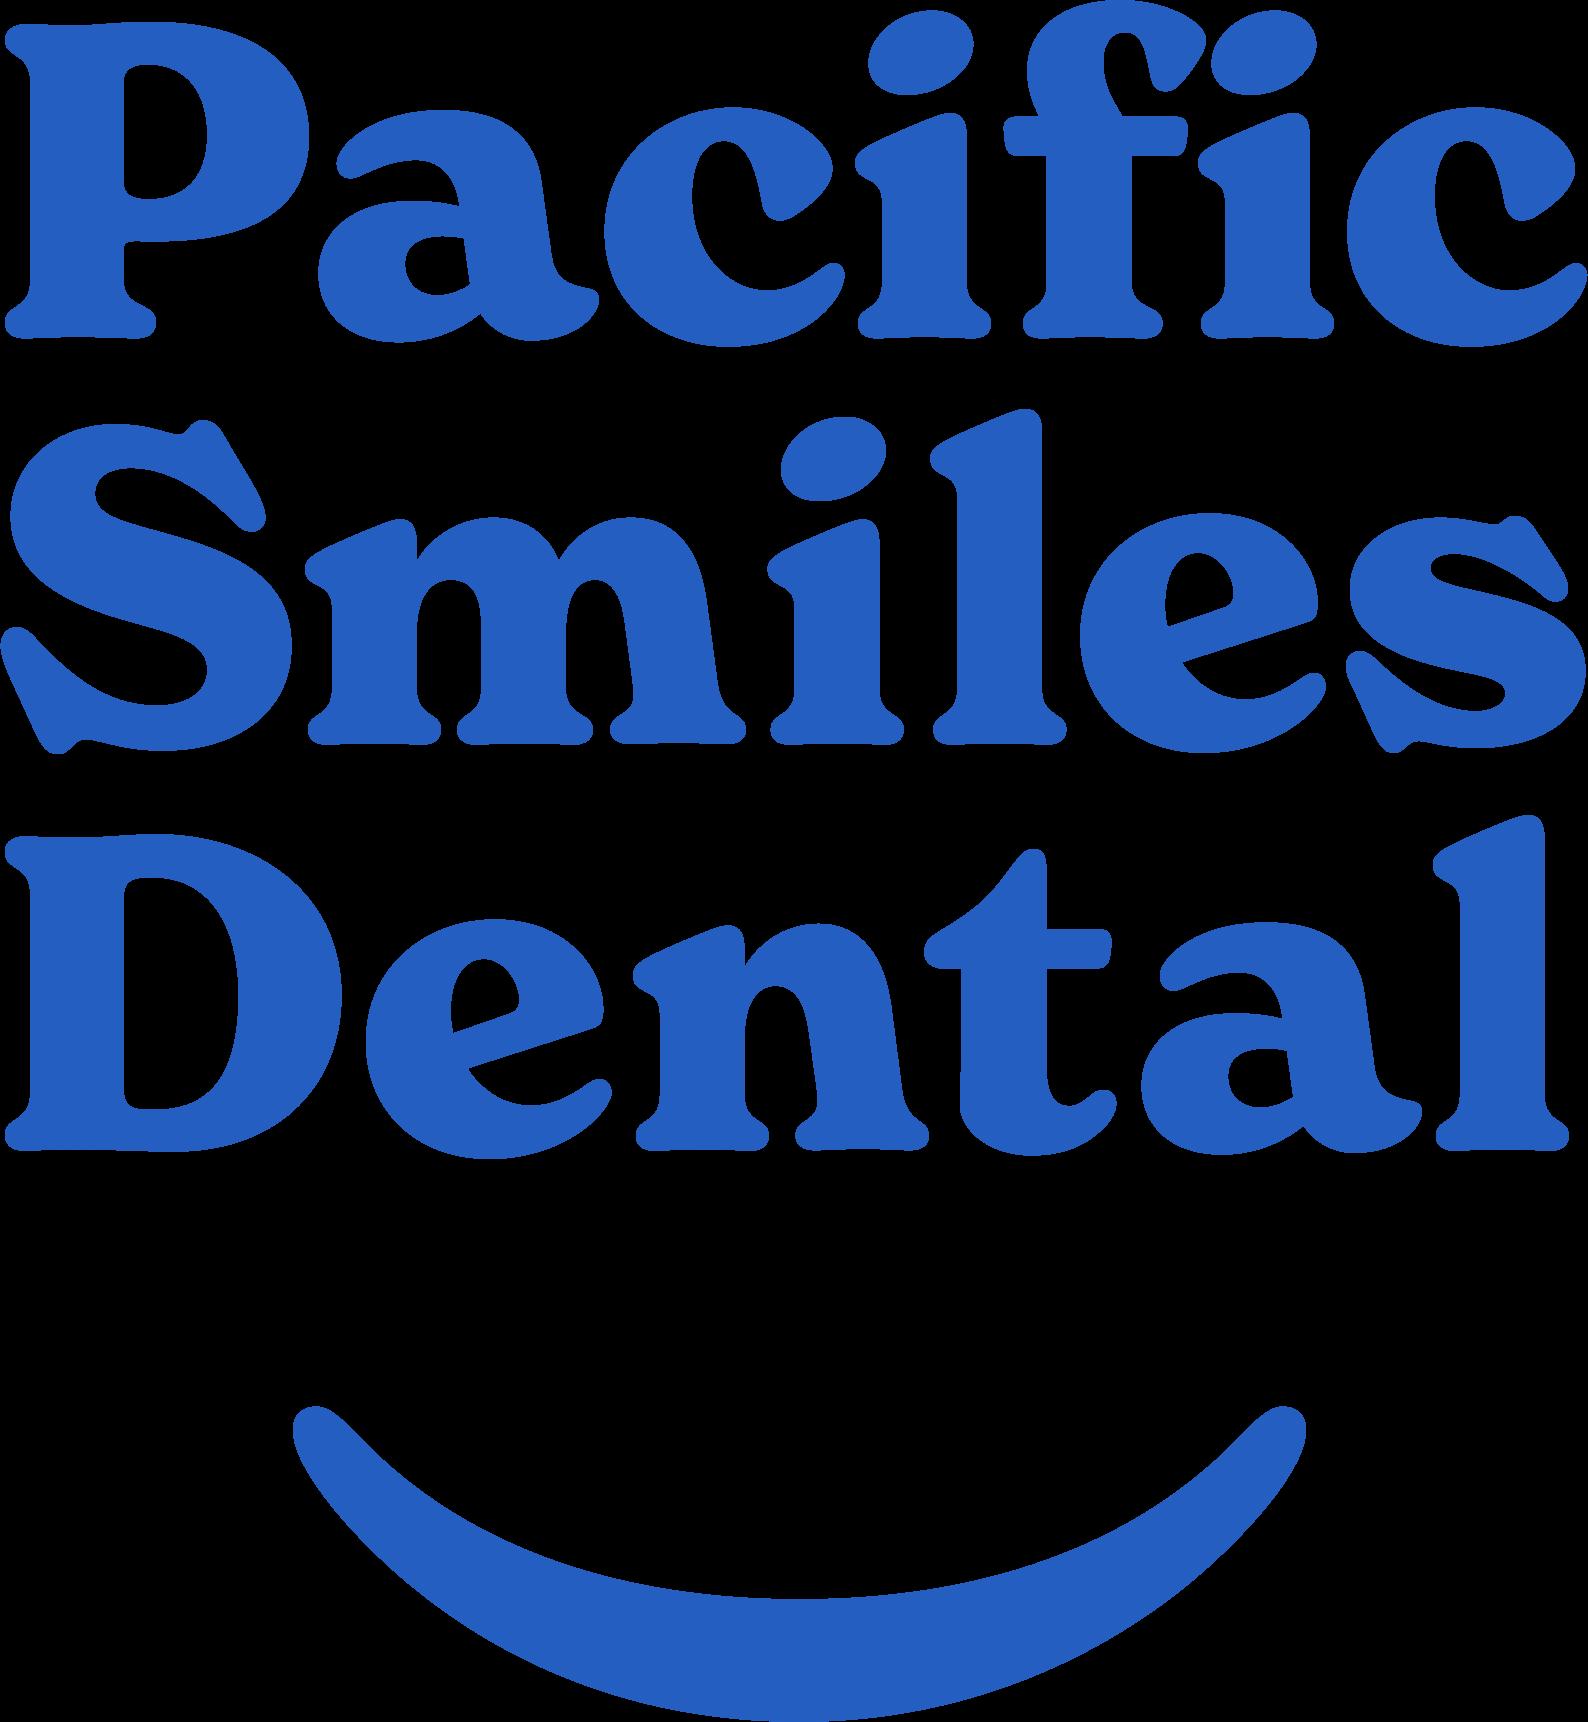 Pacific Smiles Dental Oakleigh